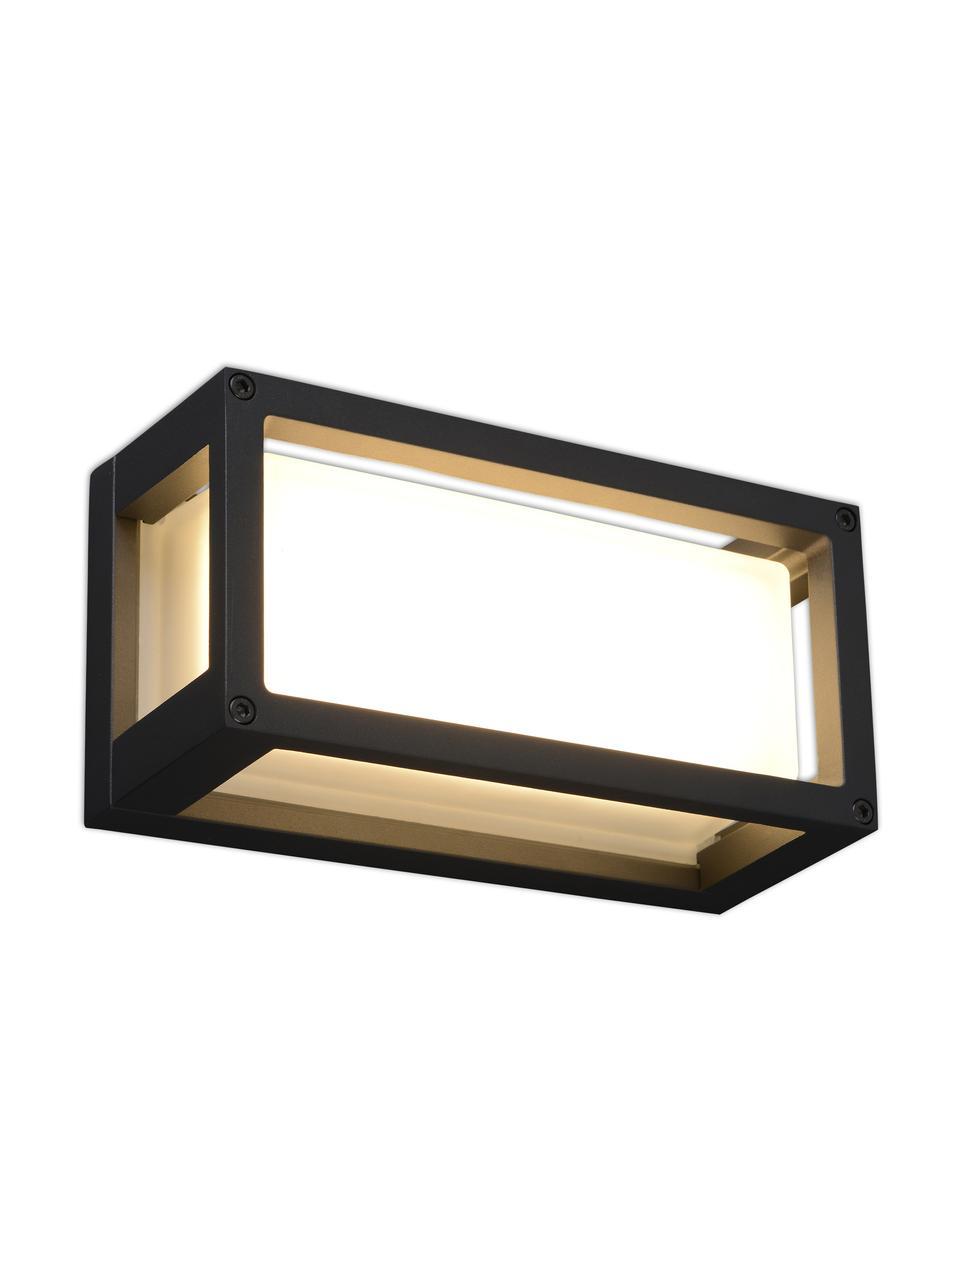 Kinkiet zewnętrzny Ray, Antracytowy, biały, S 25 x W 13 cm